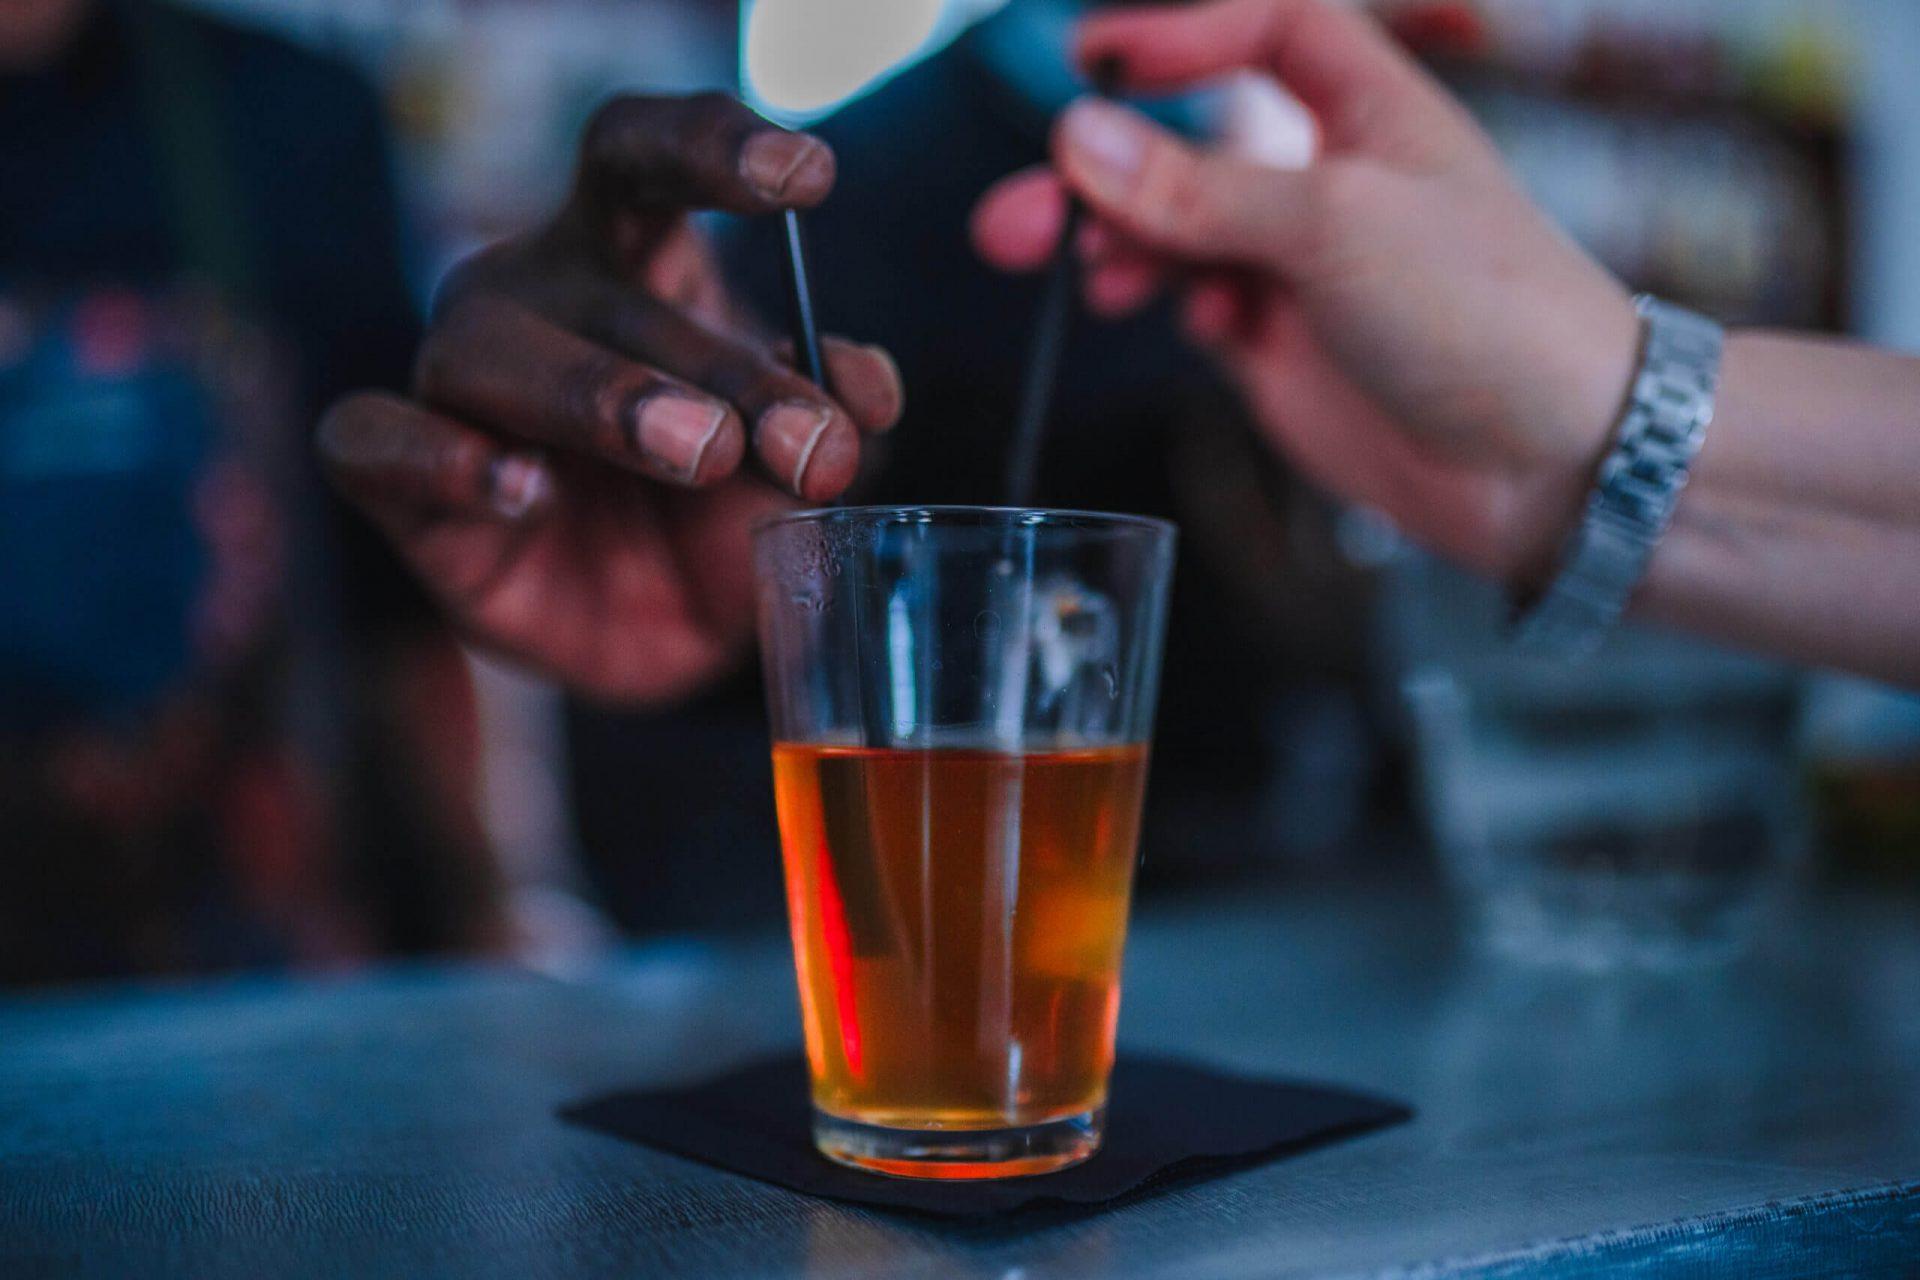 Verre contenant une liqueur